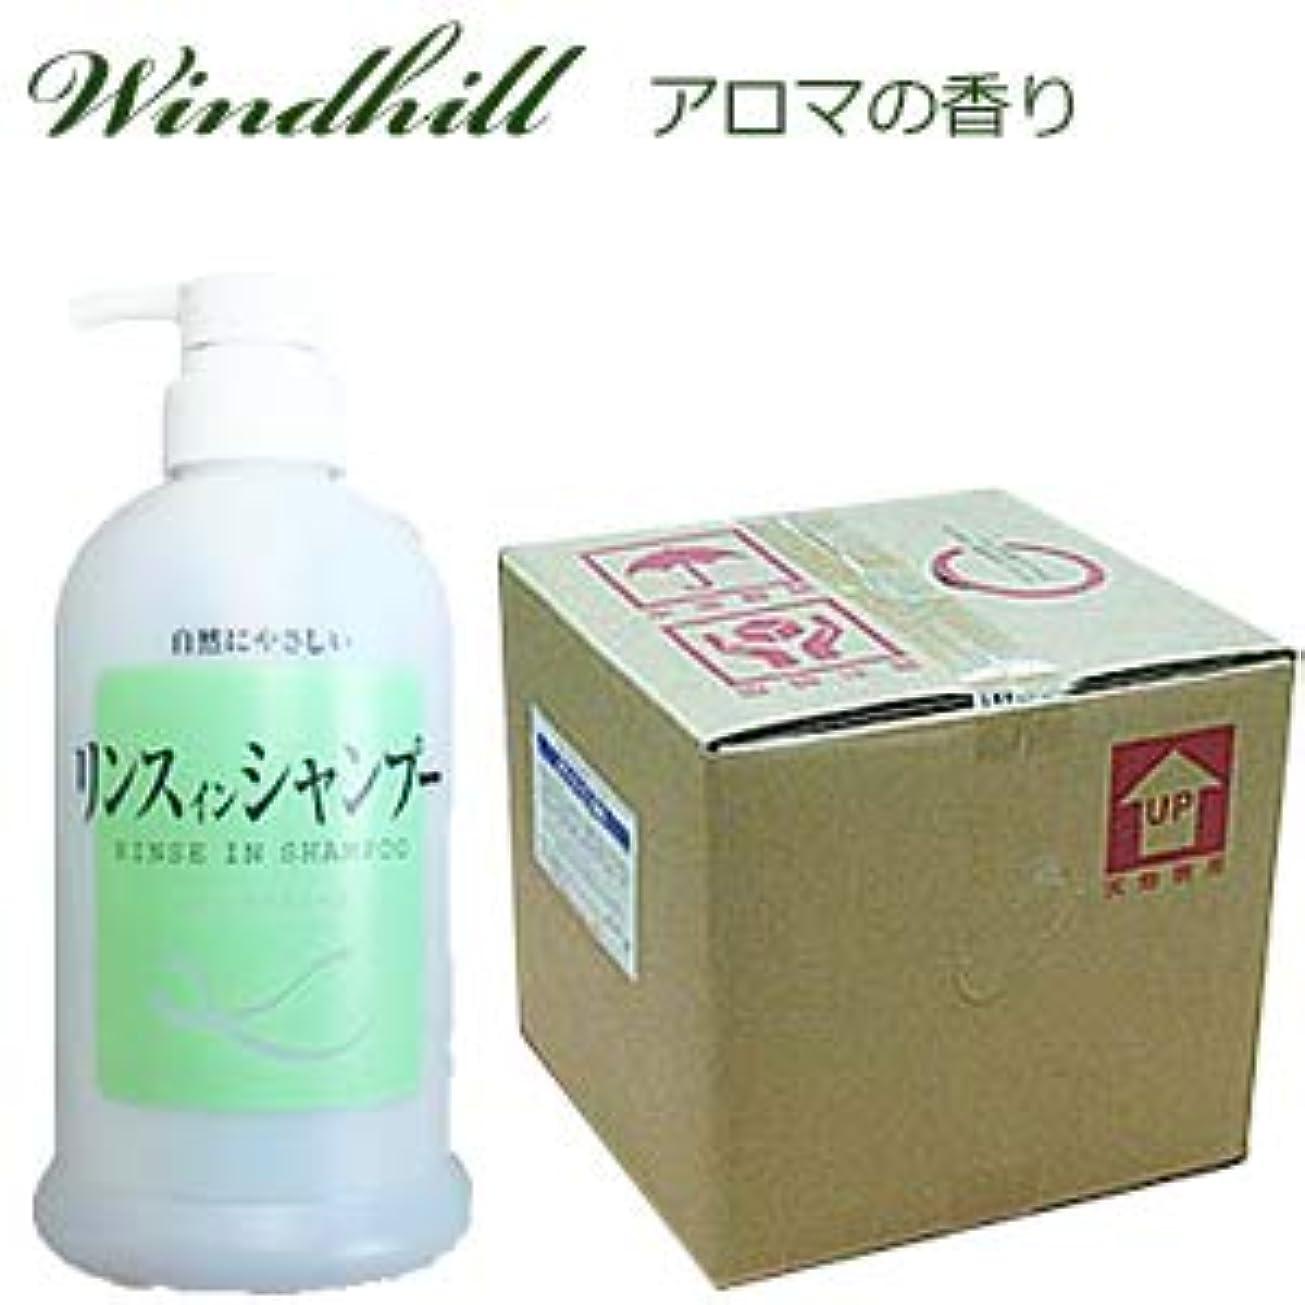 あなたは子音劇作家なんと! 500ml当り188円 Windhill 植物性業務用 リンスインシャンプー 紅茶を思うアロマの香り 20L